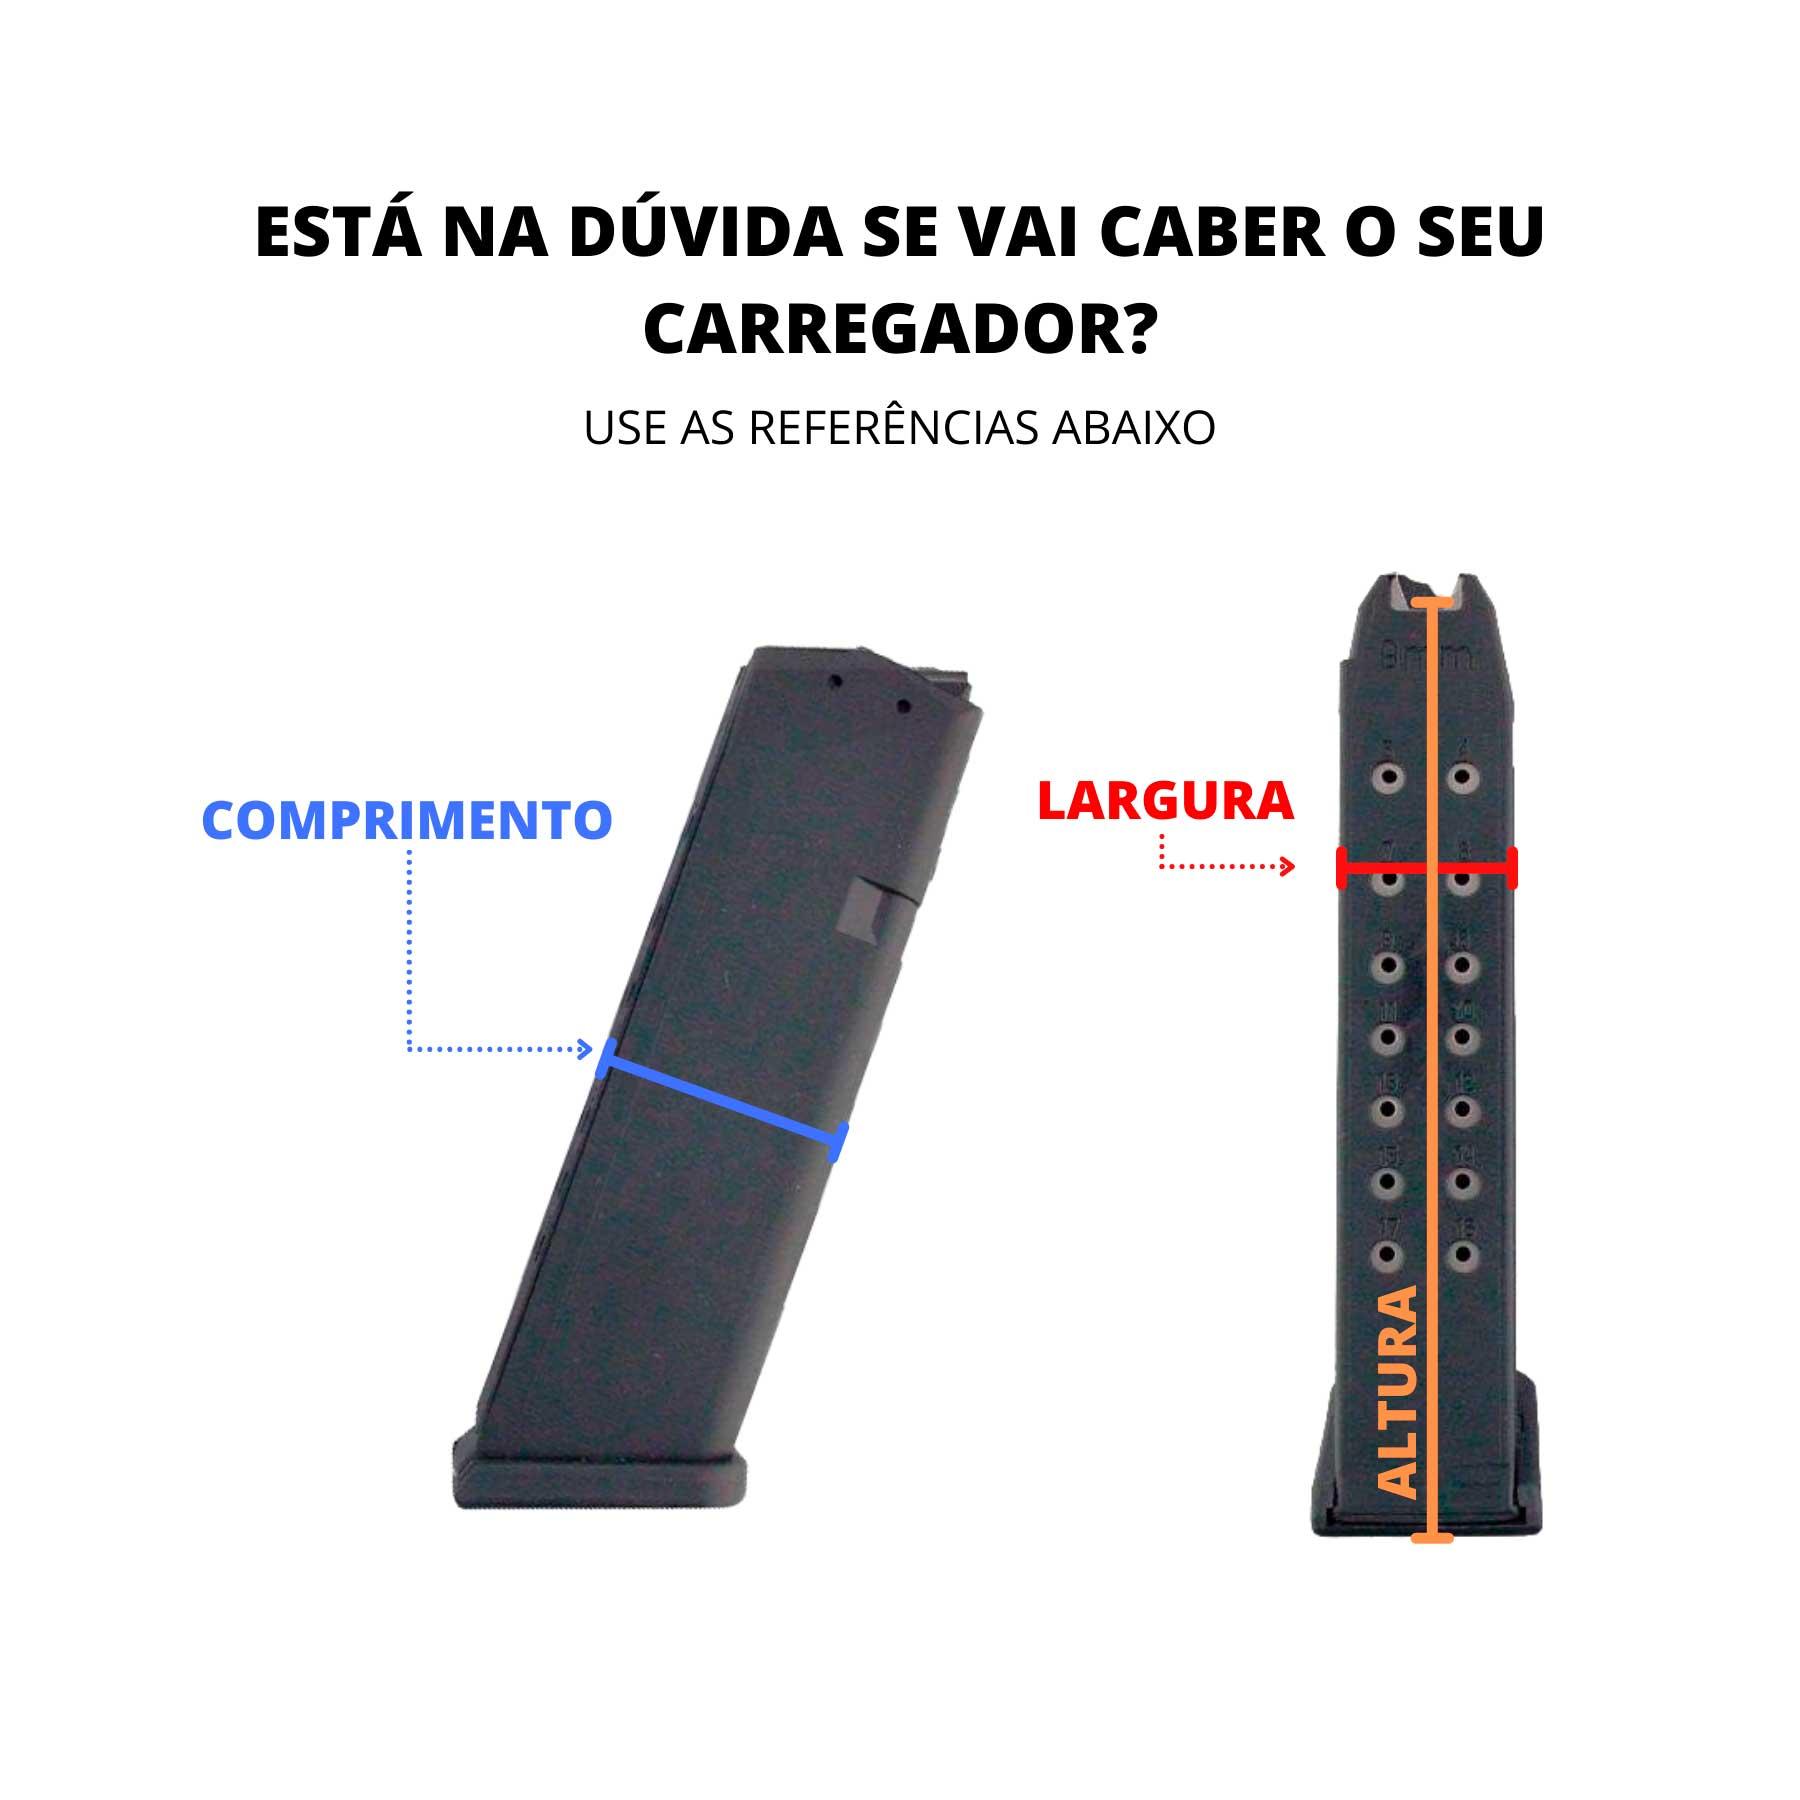 Porta-Carregador Universal Híbrido - Uso Velado e ostensivo - Kydex Cobra